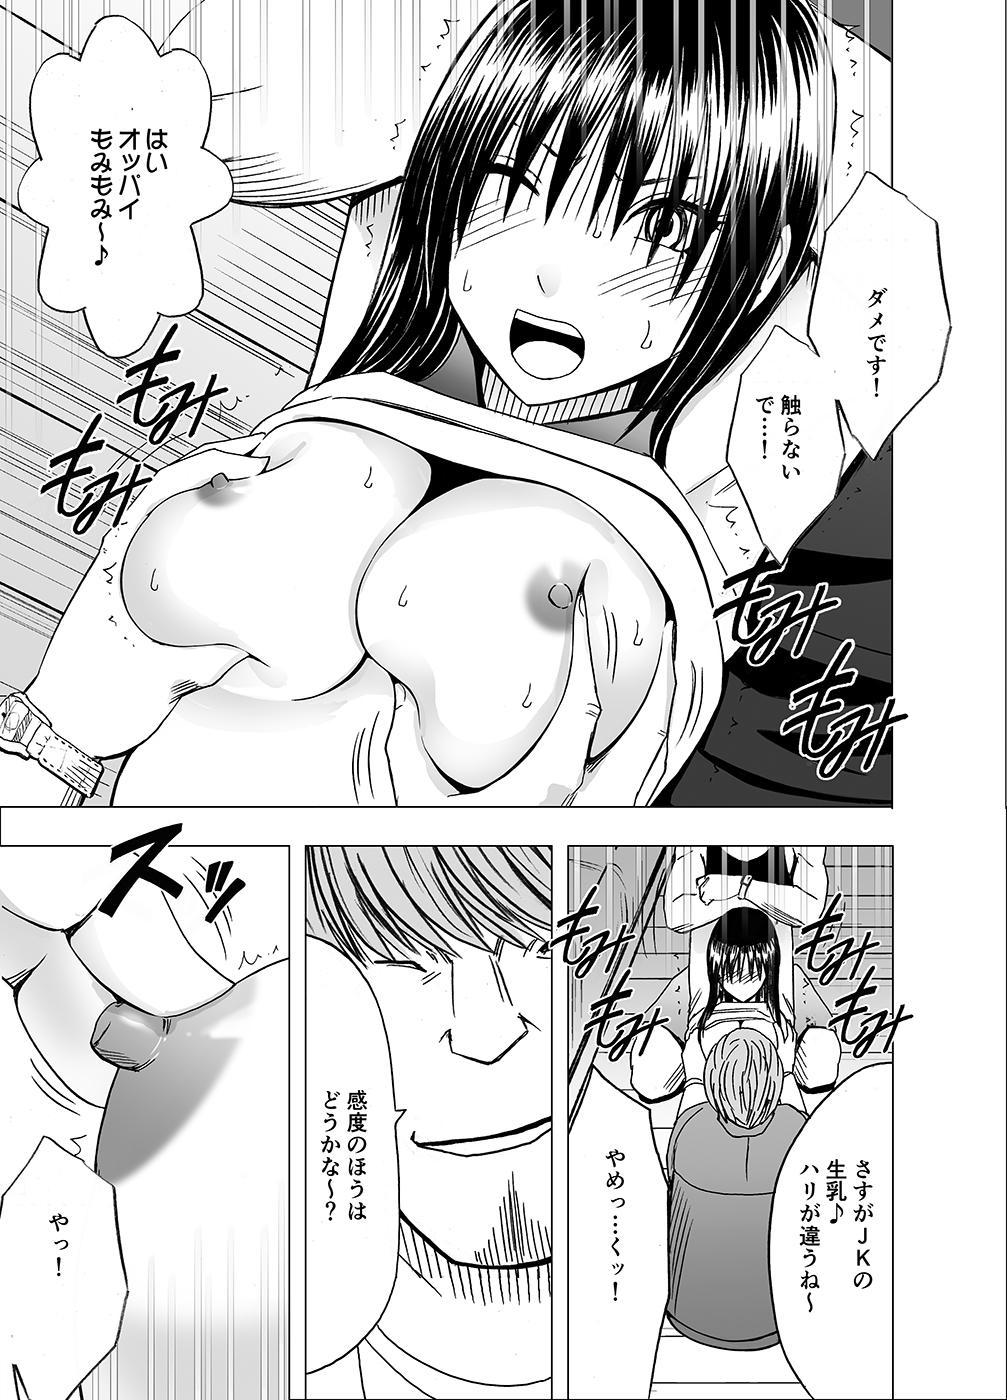 Ane no Kareshi ni Osaetsukerare Muriyari Mune ya Asoko o Sawarare... 12